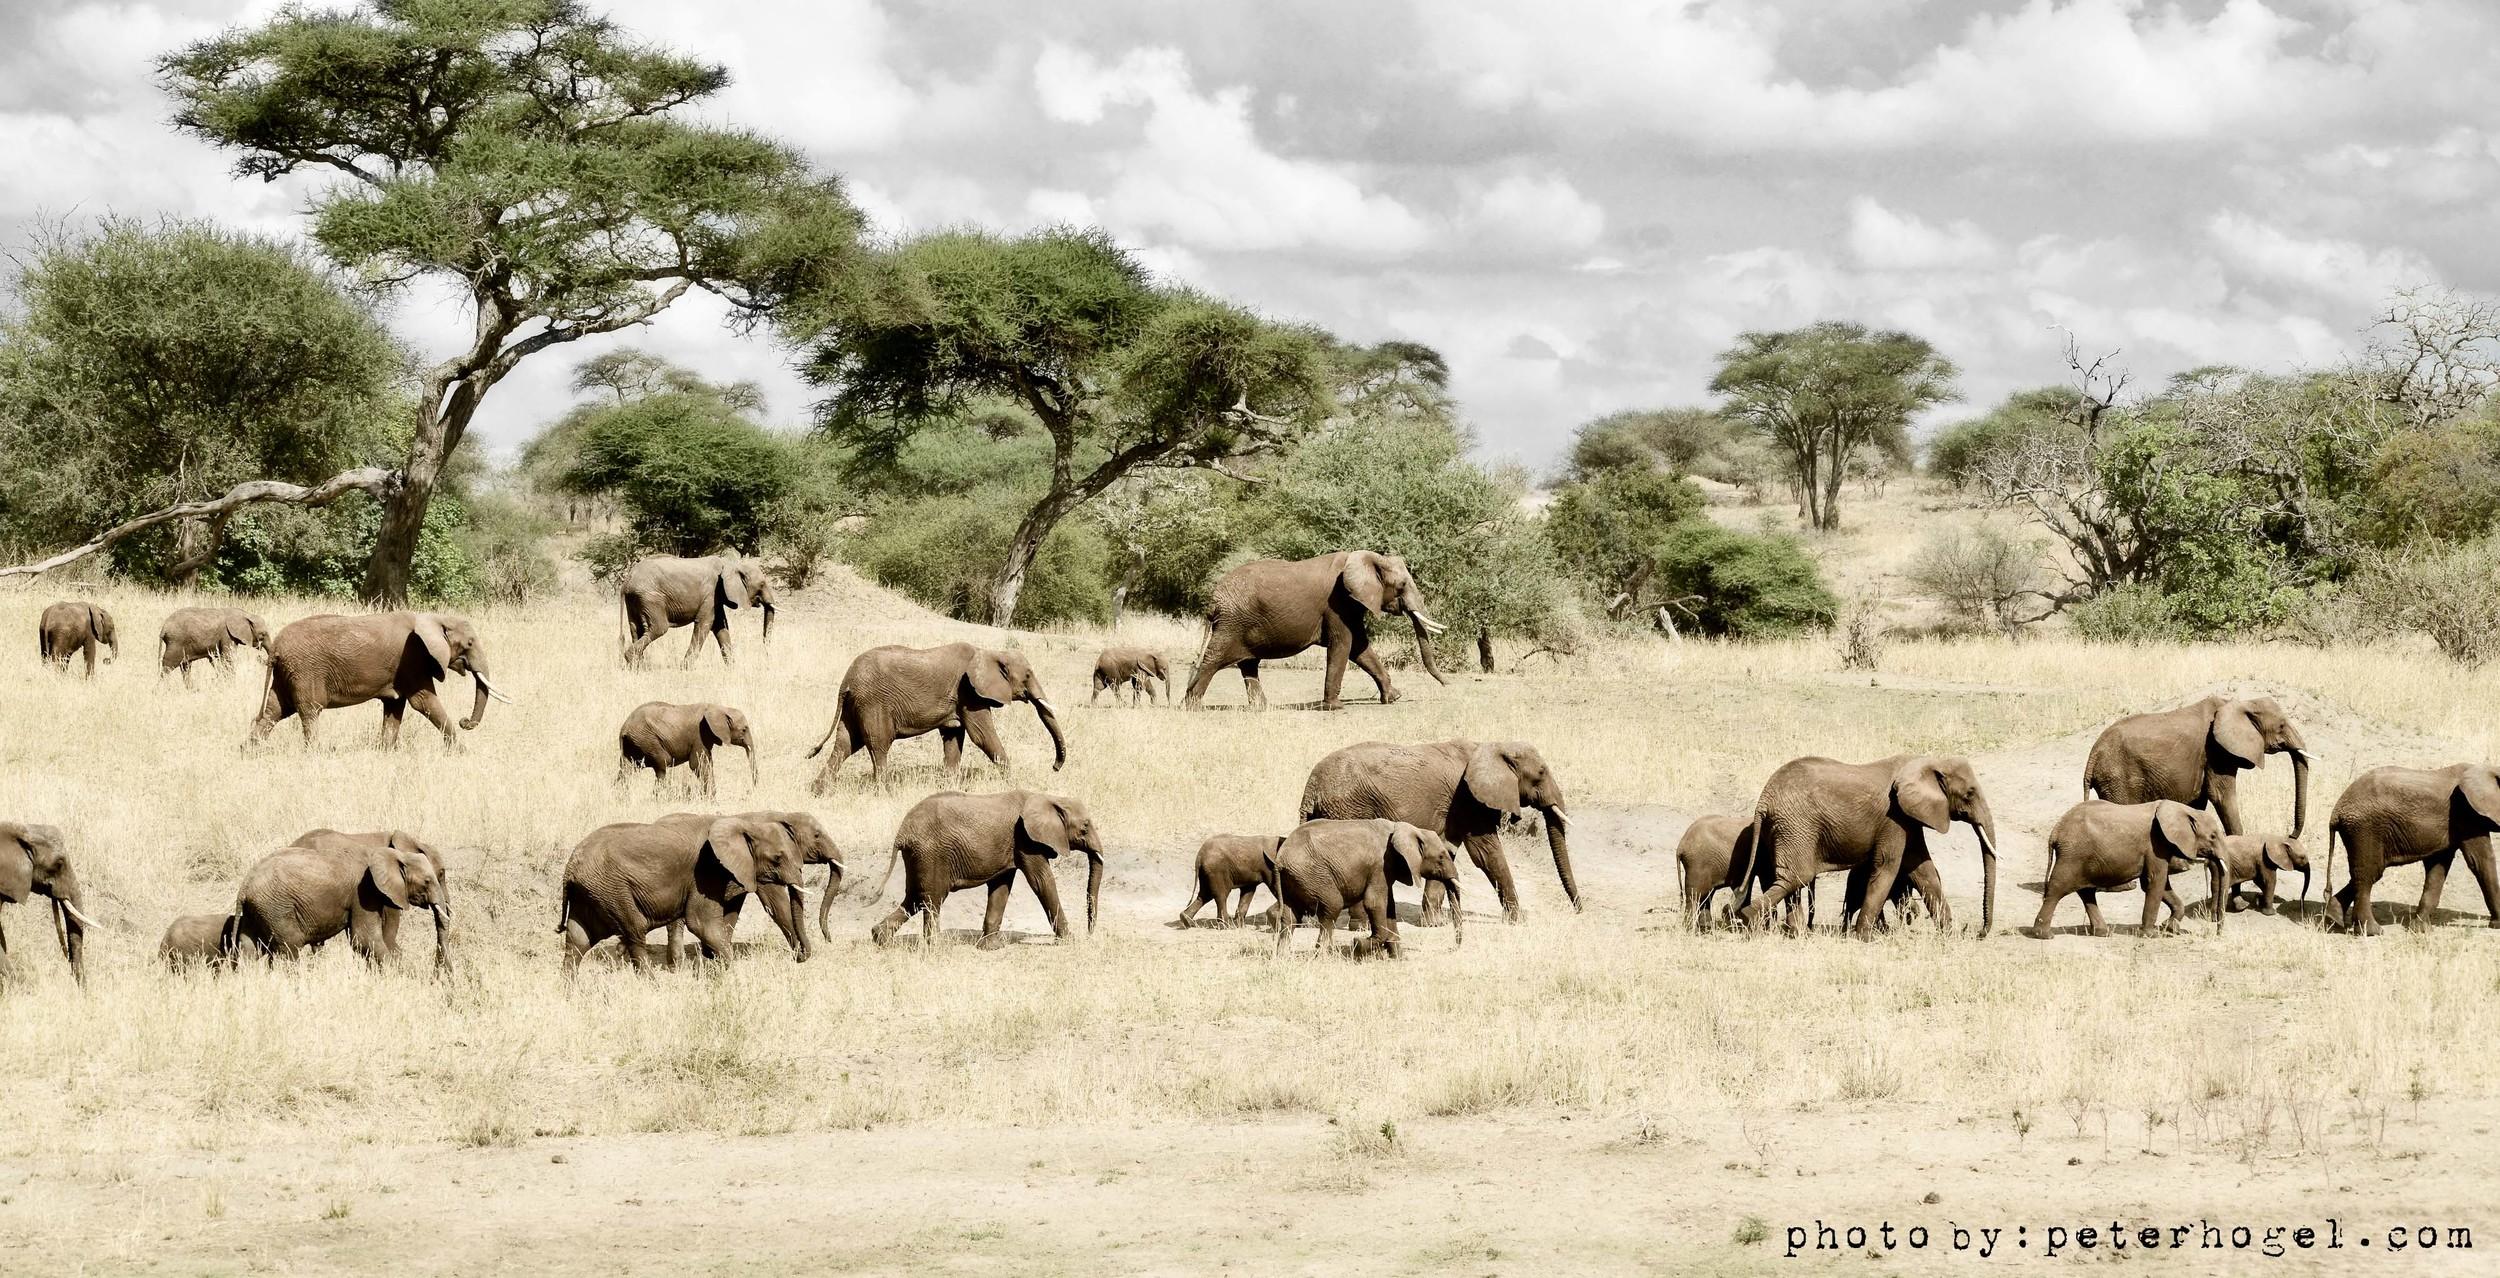 PeterHogel - DSC_7365 - Elephants Marching - 1.5MB - VK adj LTR.jpg